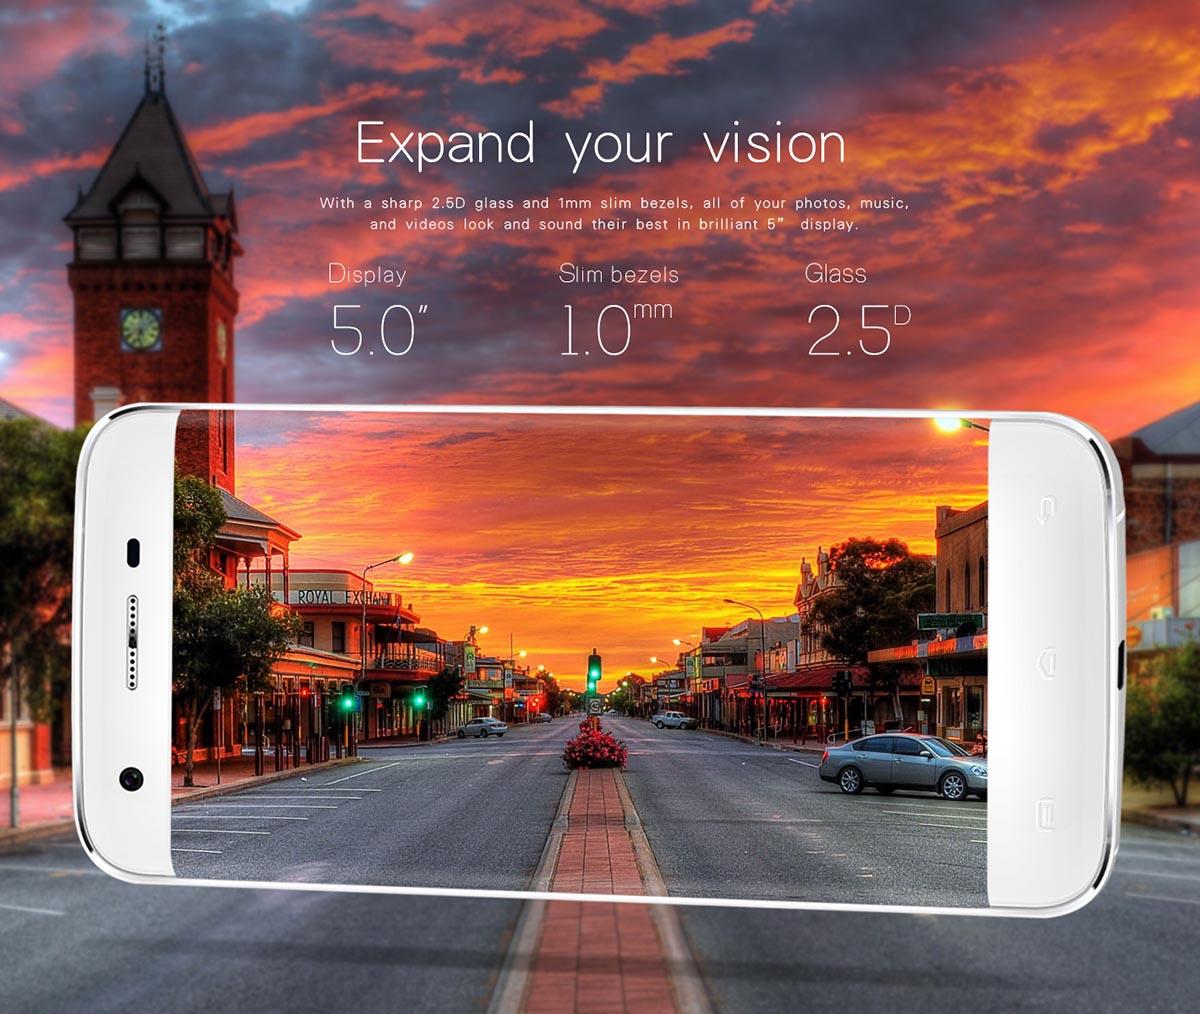 Doogee F3 Pro, Test, Antutu, Benchmarks, Smartphones ohne Vertrag, Tablet PC günstig kaufen,, Testbericht, China Smartphone